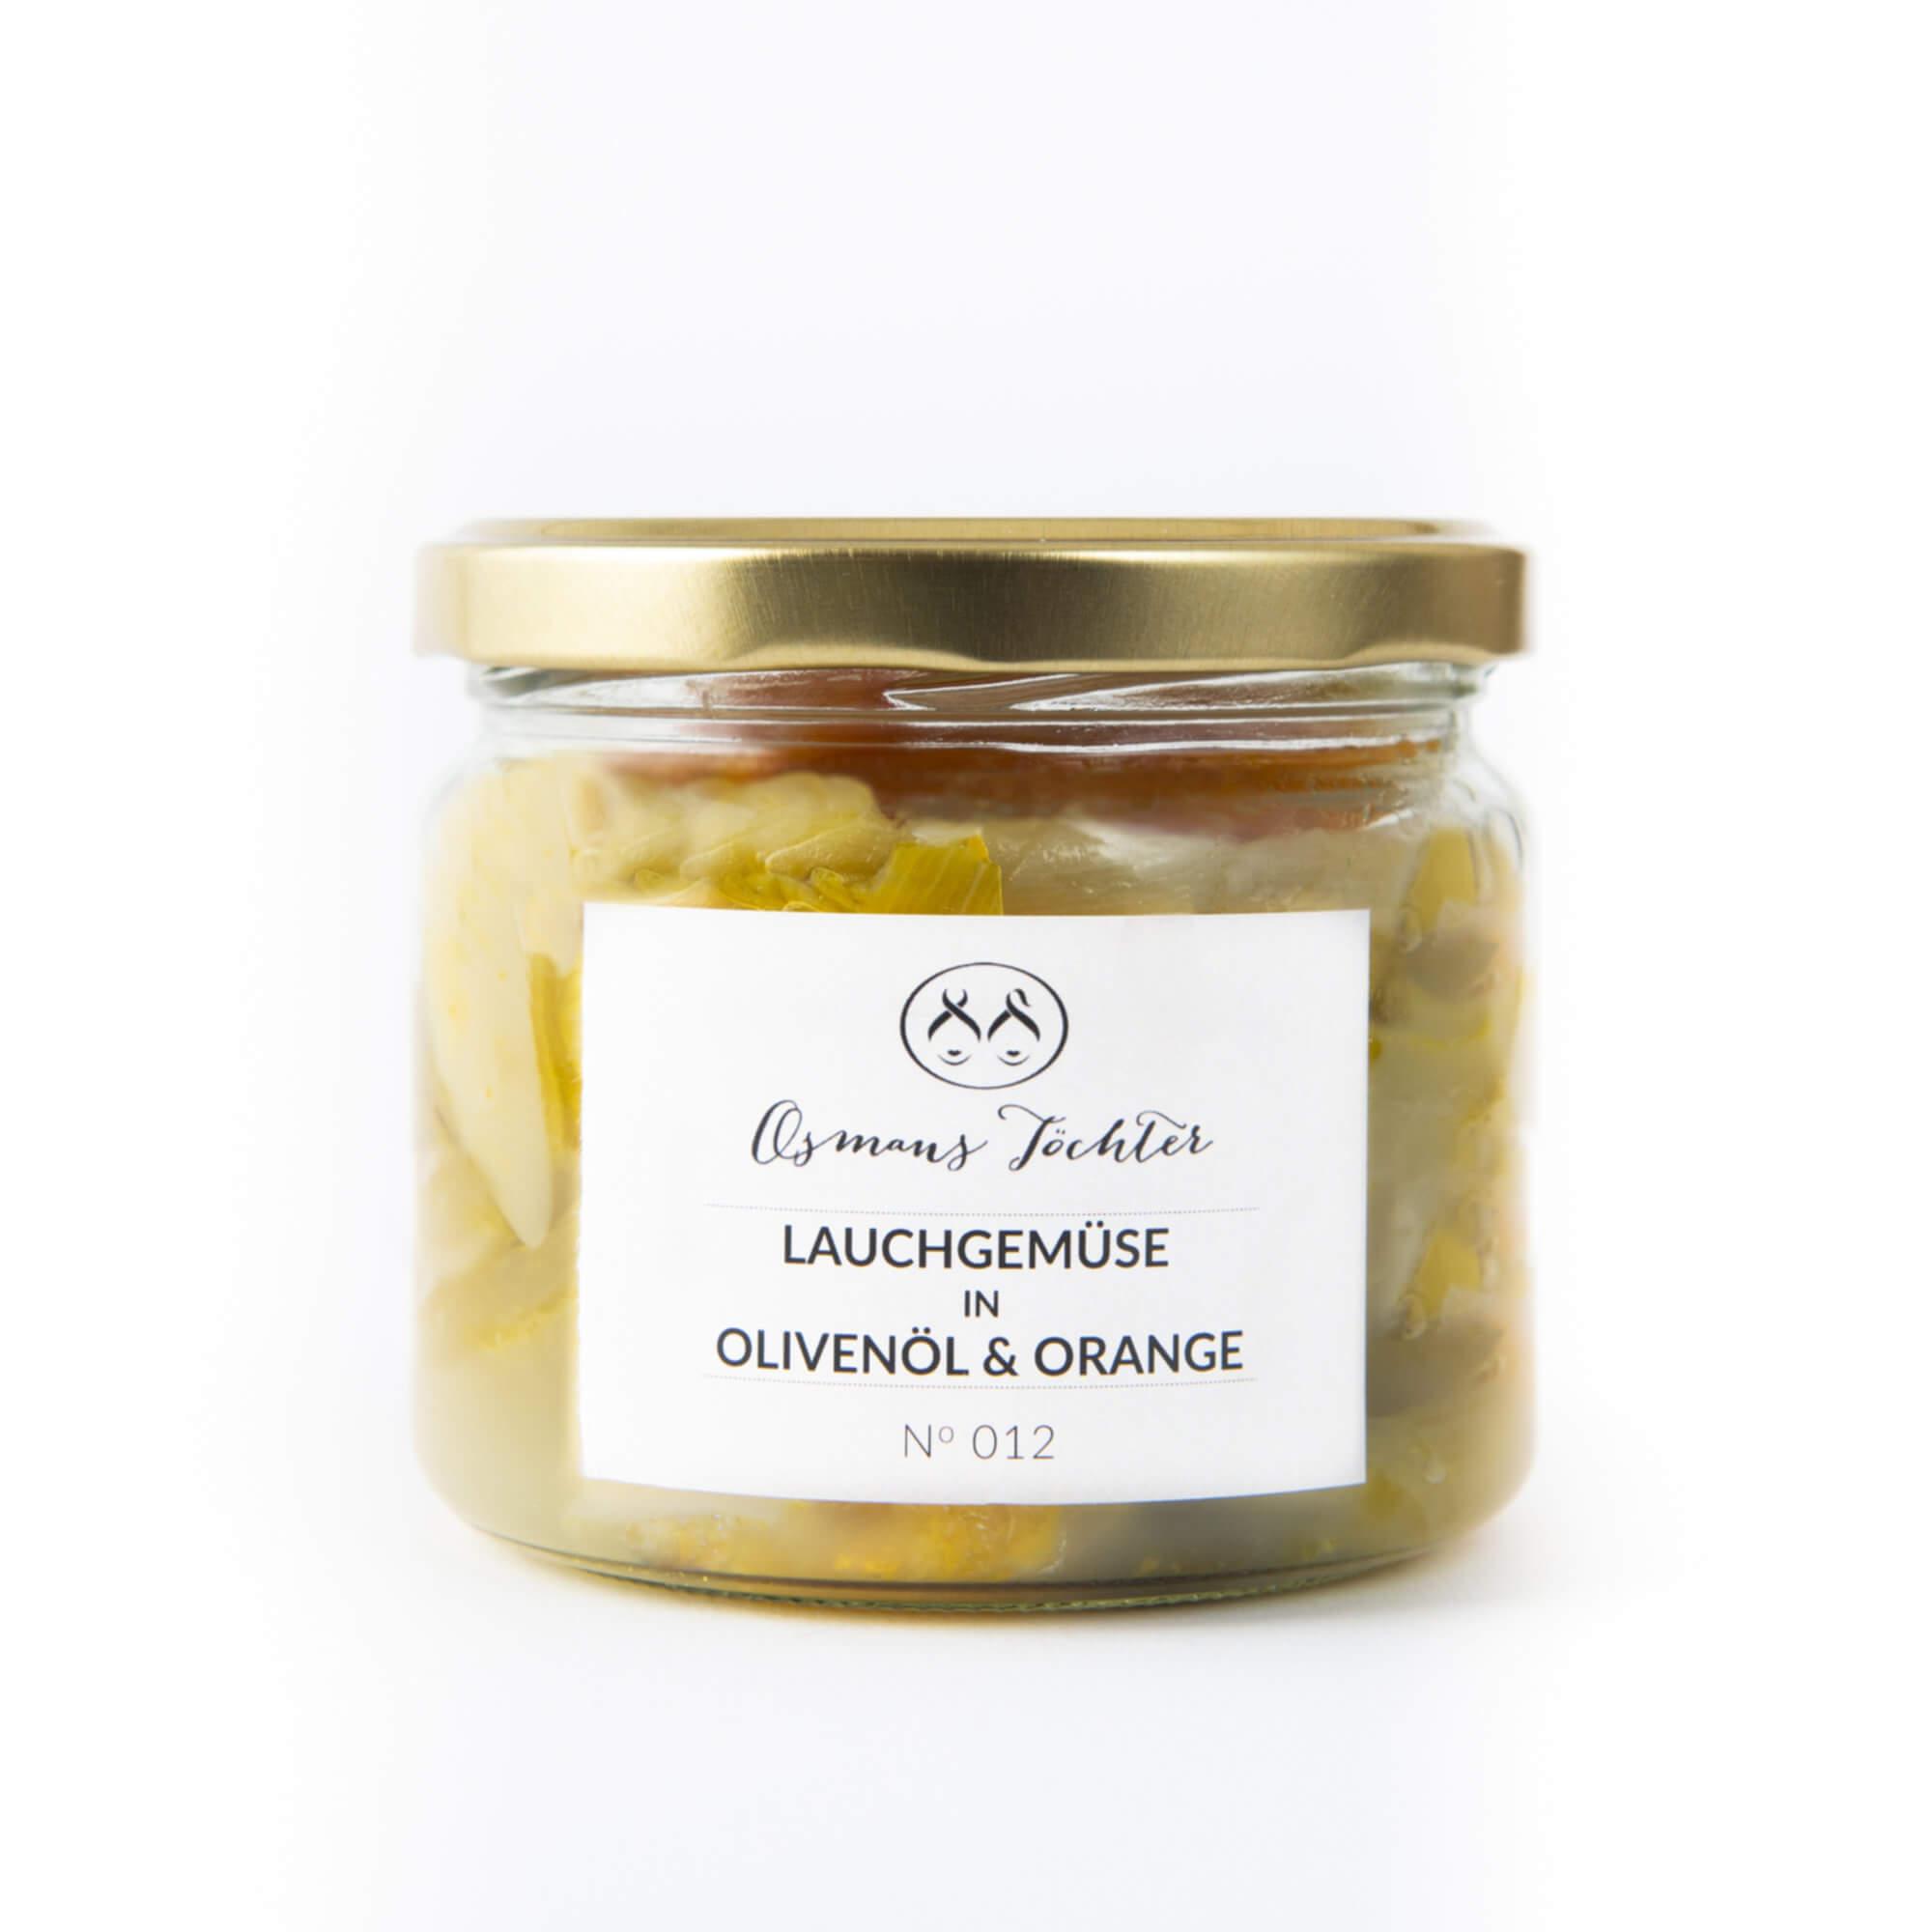 Lauchgemüse in Olivenöl und Orange im Glas geschlossen von vorne